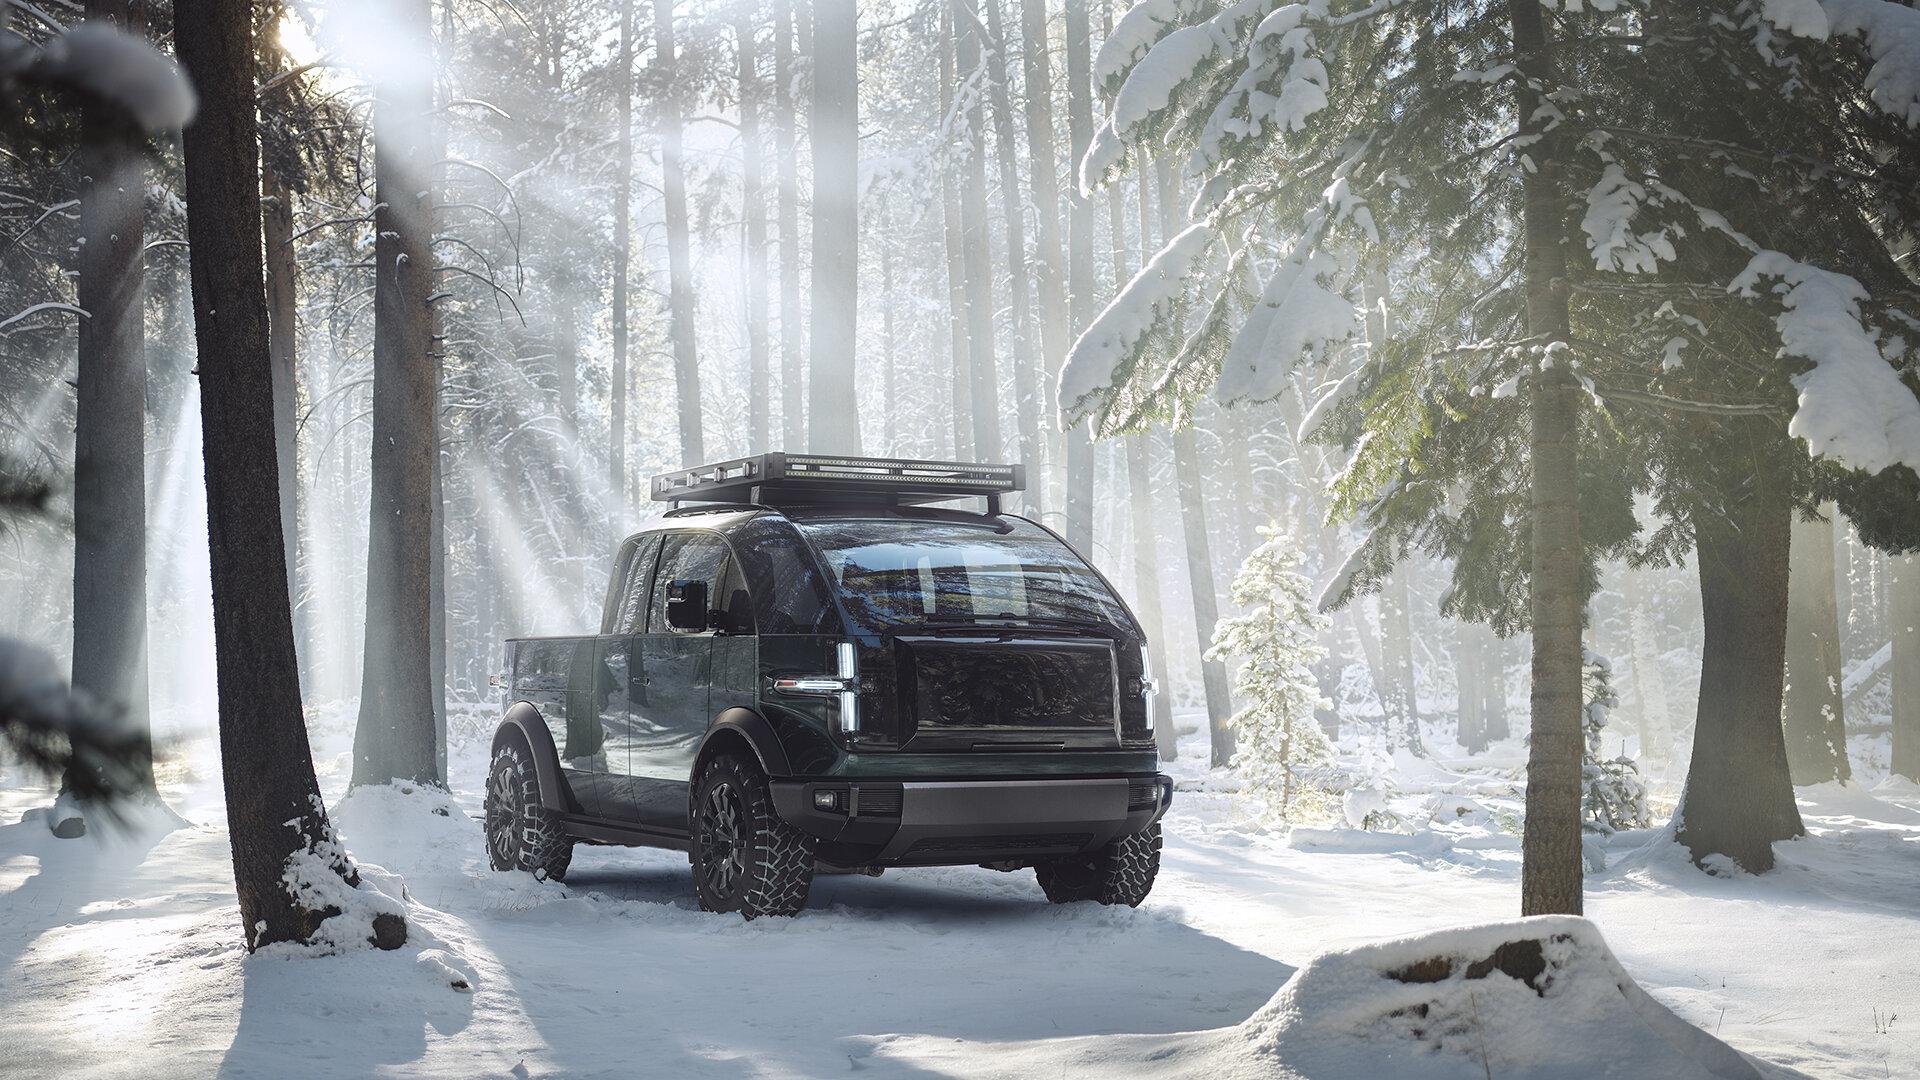 Canoo Electric Truck: конкурент Tesla Cybertruck и Hummer EV с необычным дизайном и модульной конструкцией